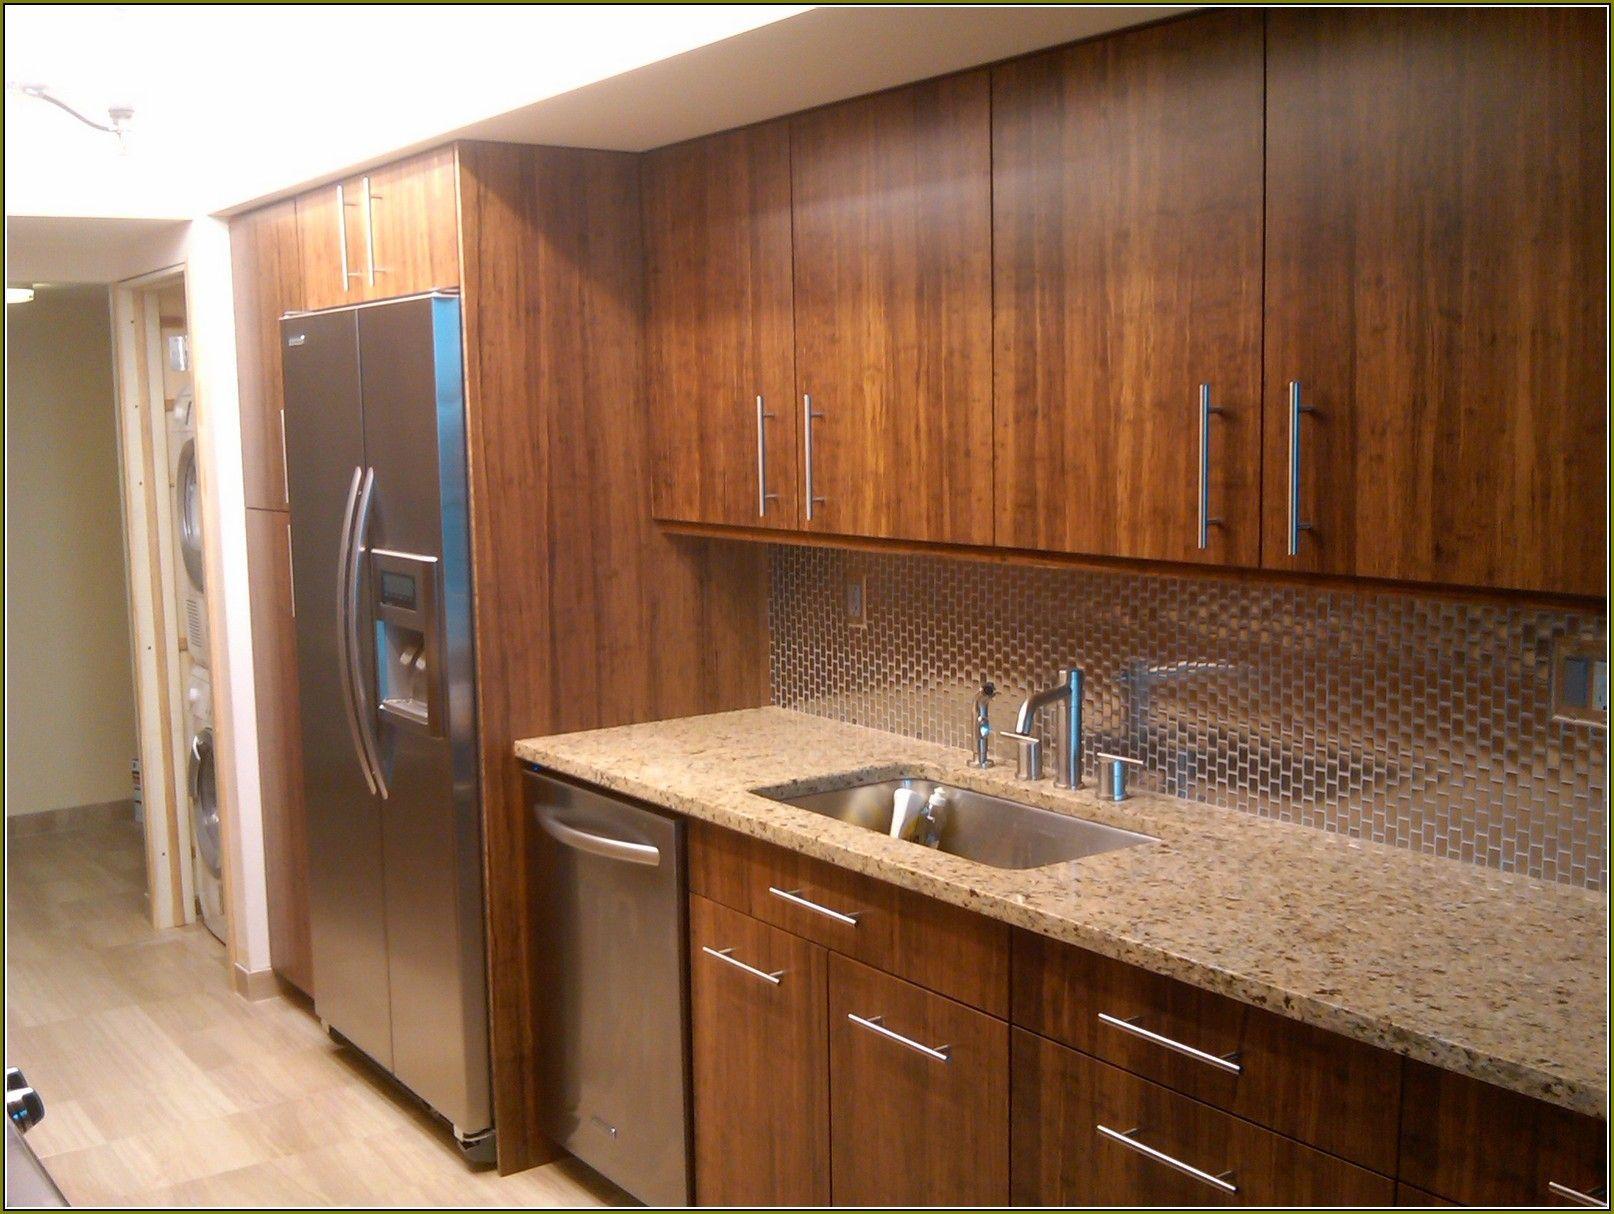 Modern bamboo kitchen cabinets kitchen designs pinterest